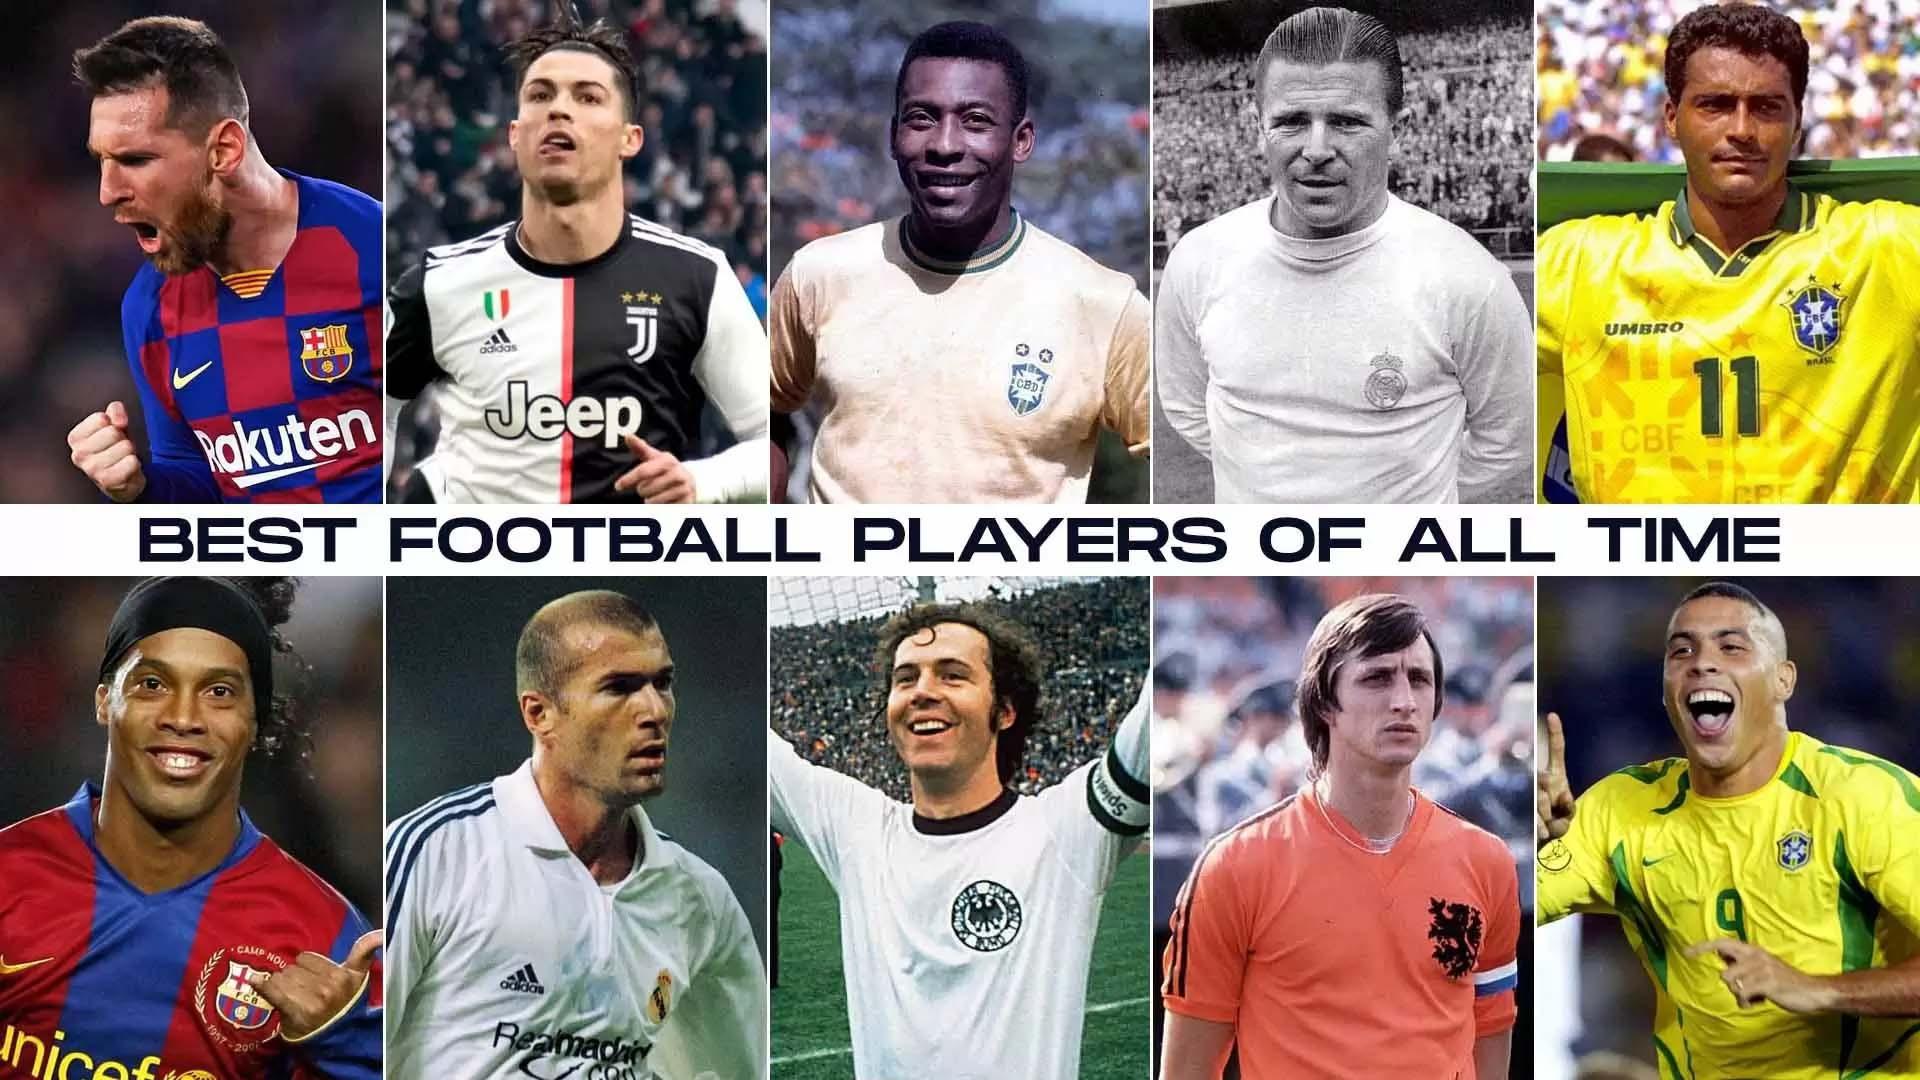 Ronaldo và Messi lọt vào top 10 cầu thủ bóng đá vĩ đại nhất mọi thời đại tính đến năm 2020